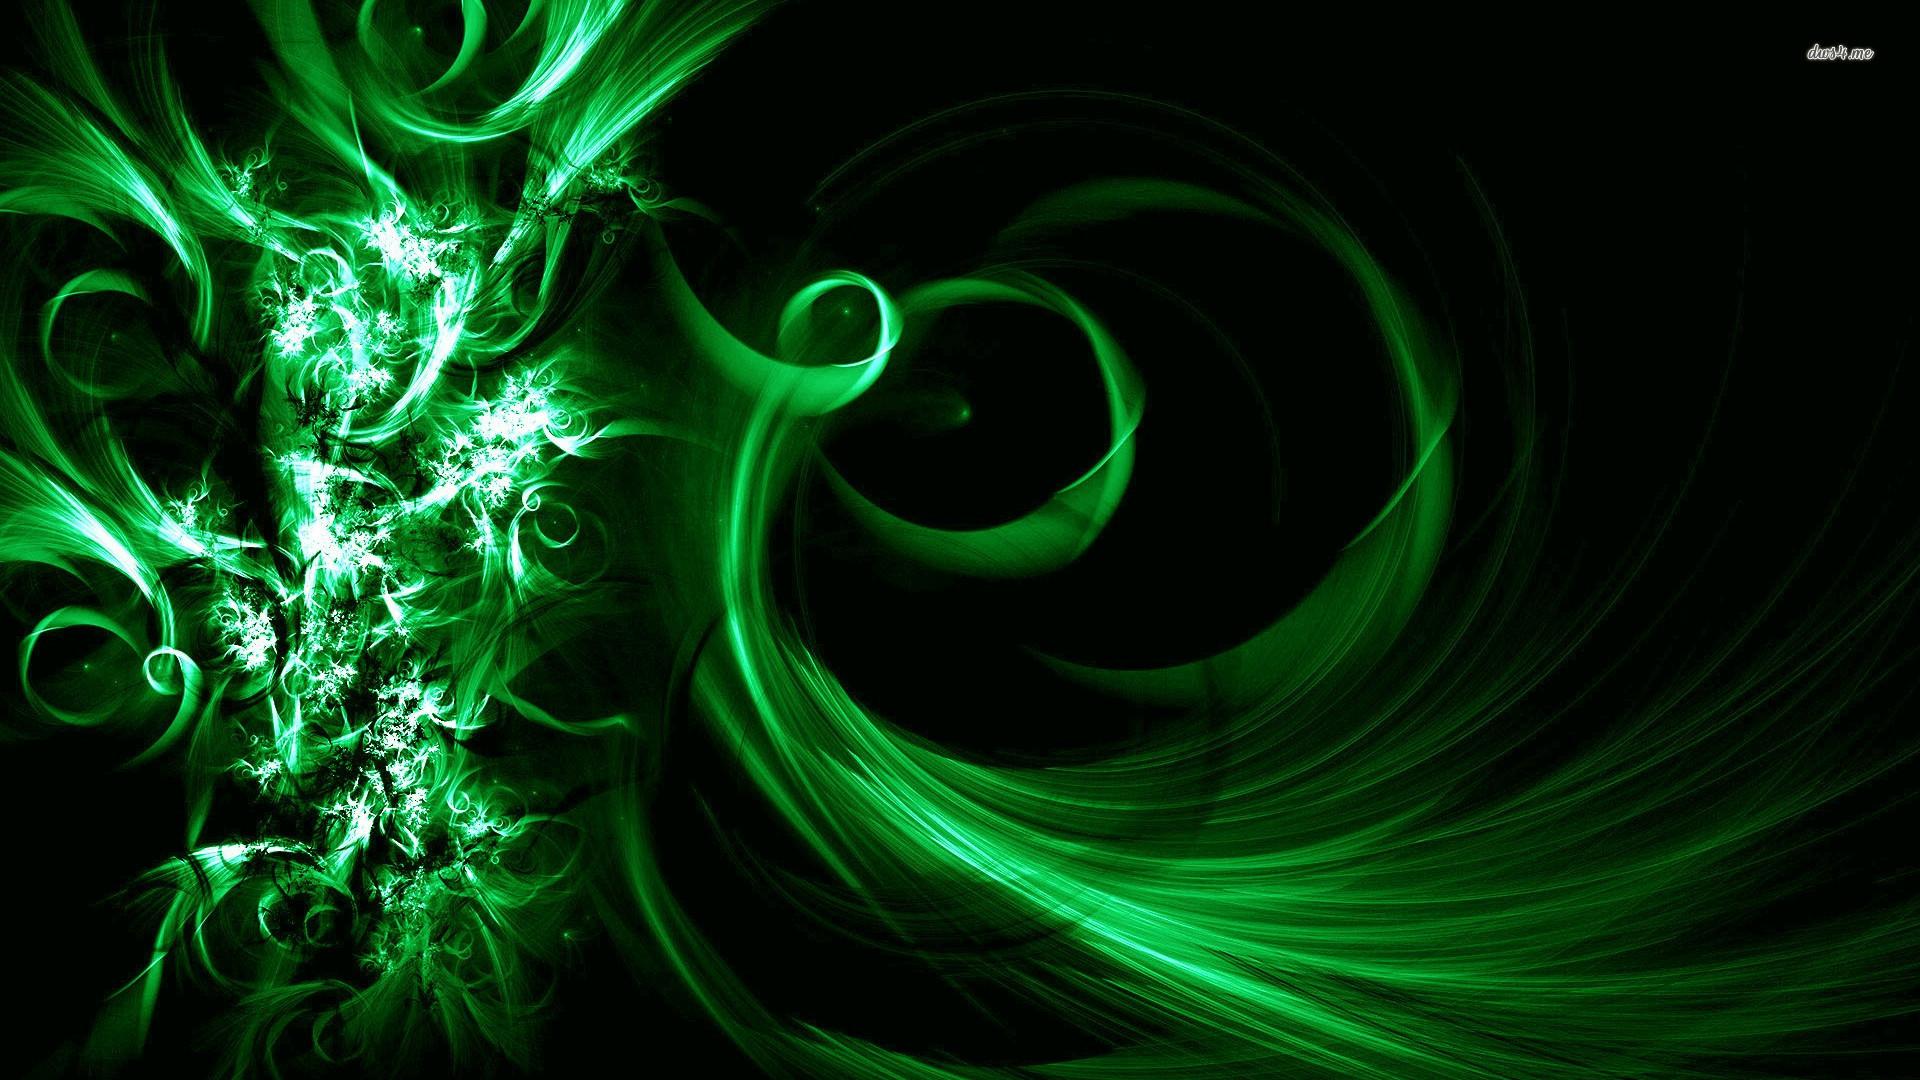 Res: 1920x1080, ... Green vortex wallpaper  ...